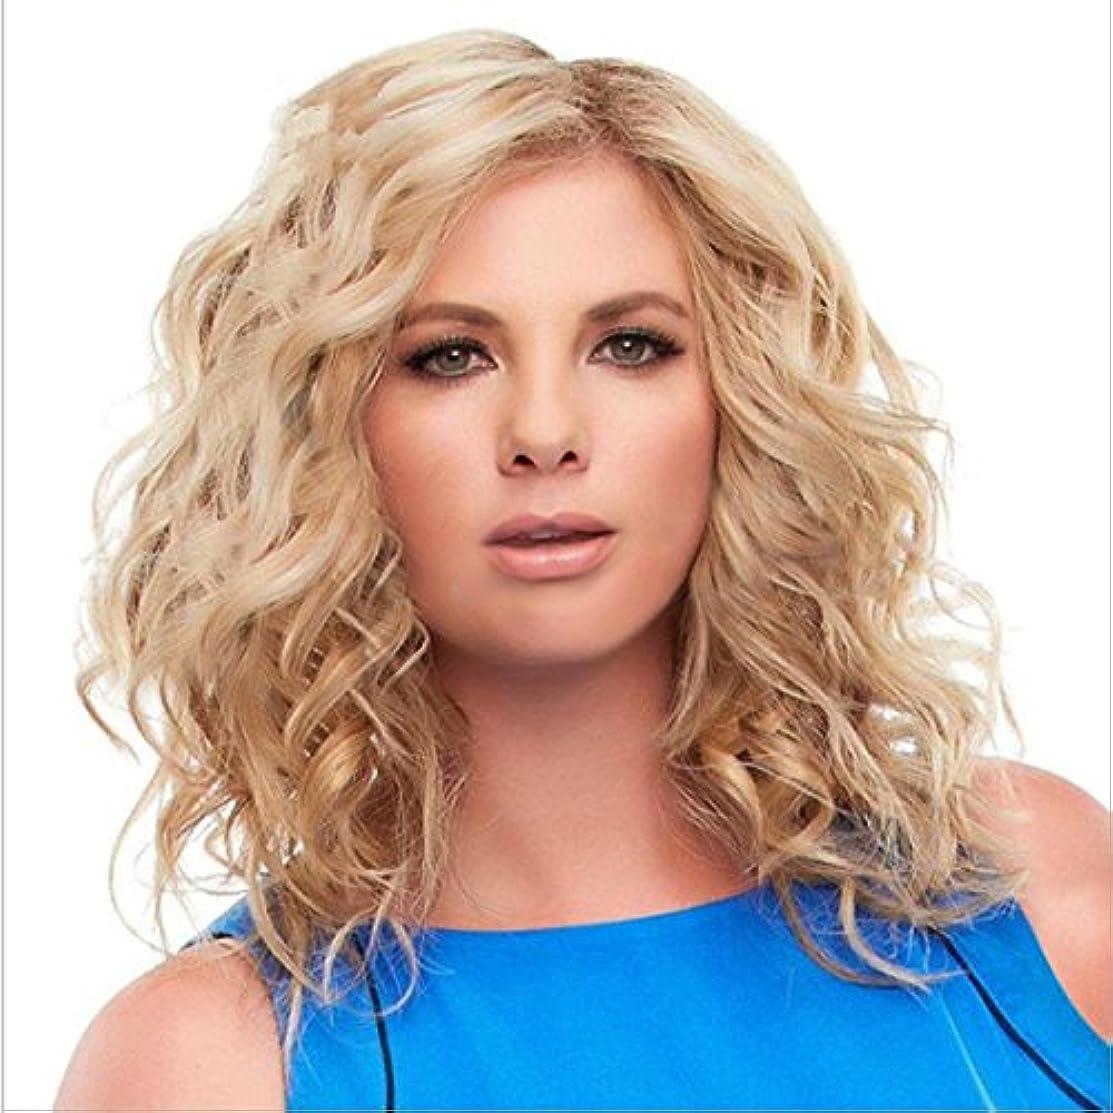 分子尽きるブロックYOUQIU 化学繊維の女性のかつらユースレディースロングカーリーナチュラルカラーウィッグを有する中間前髪髪の耐熱ウィッグの長さについては65センチメートルウィッグ (色 : ゴールド)